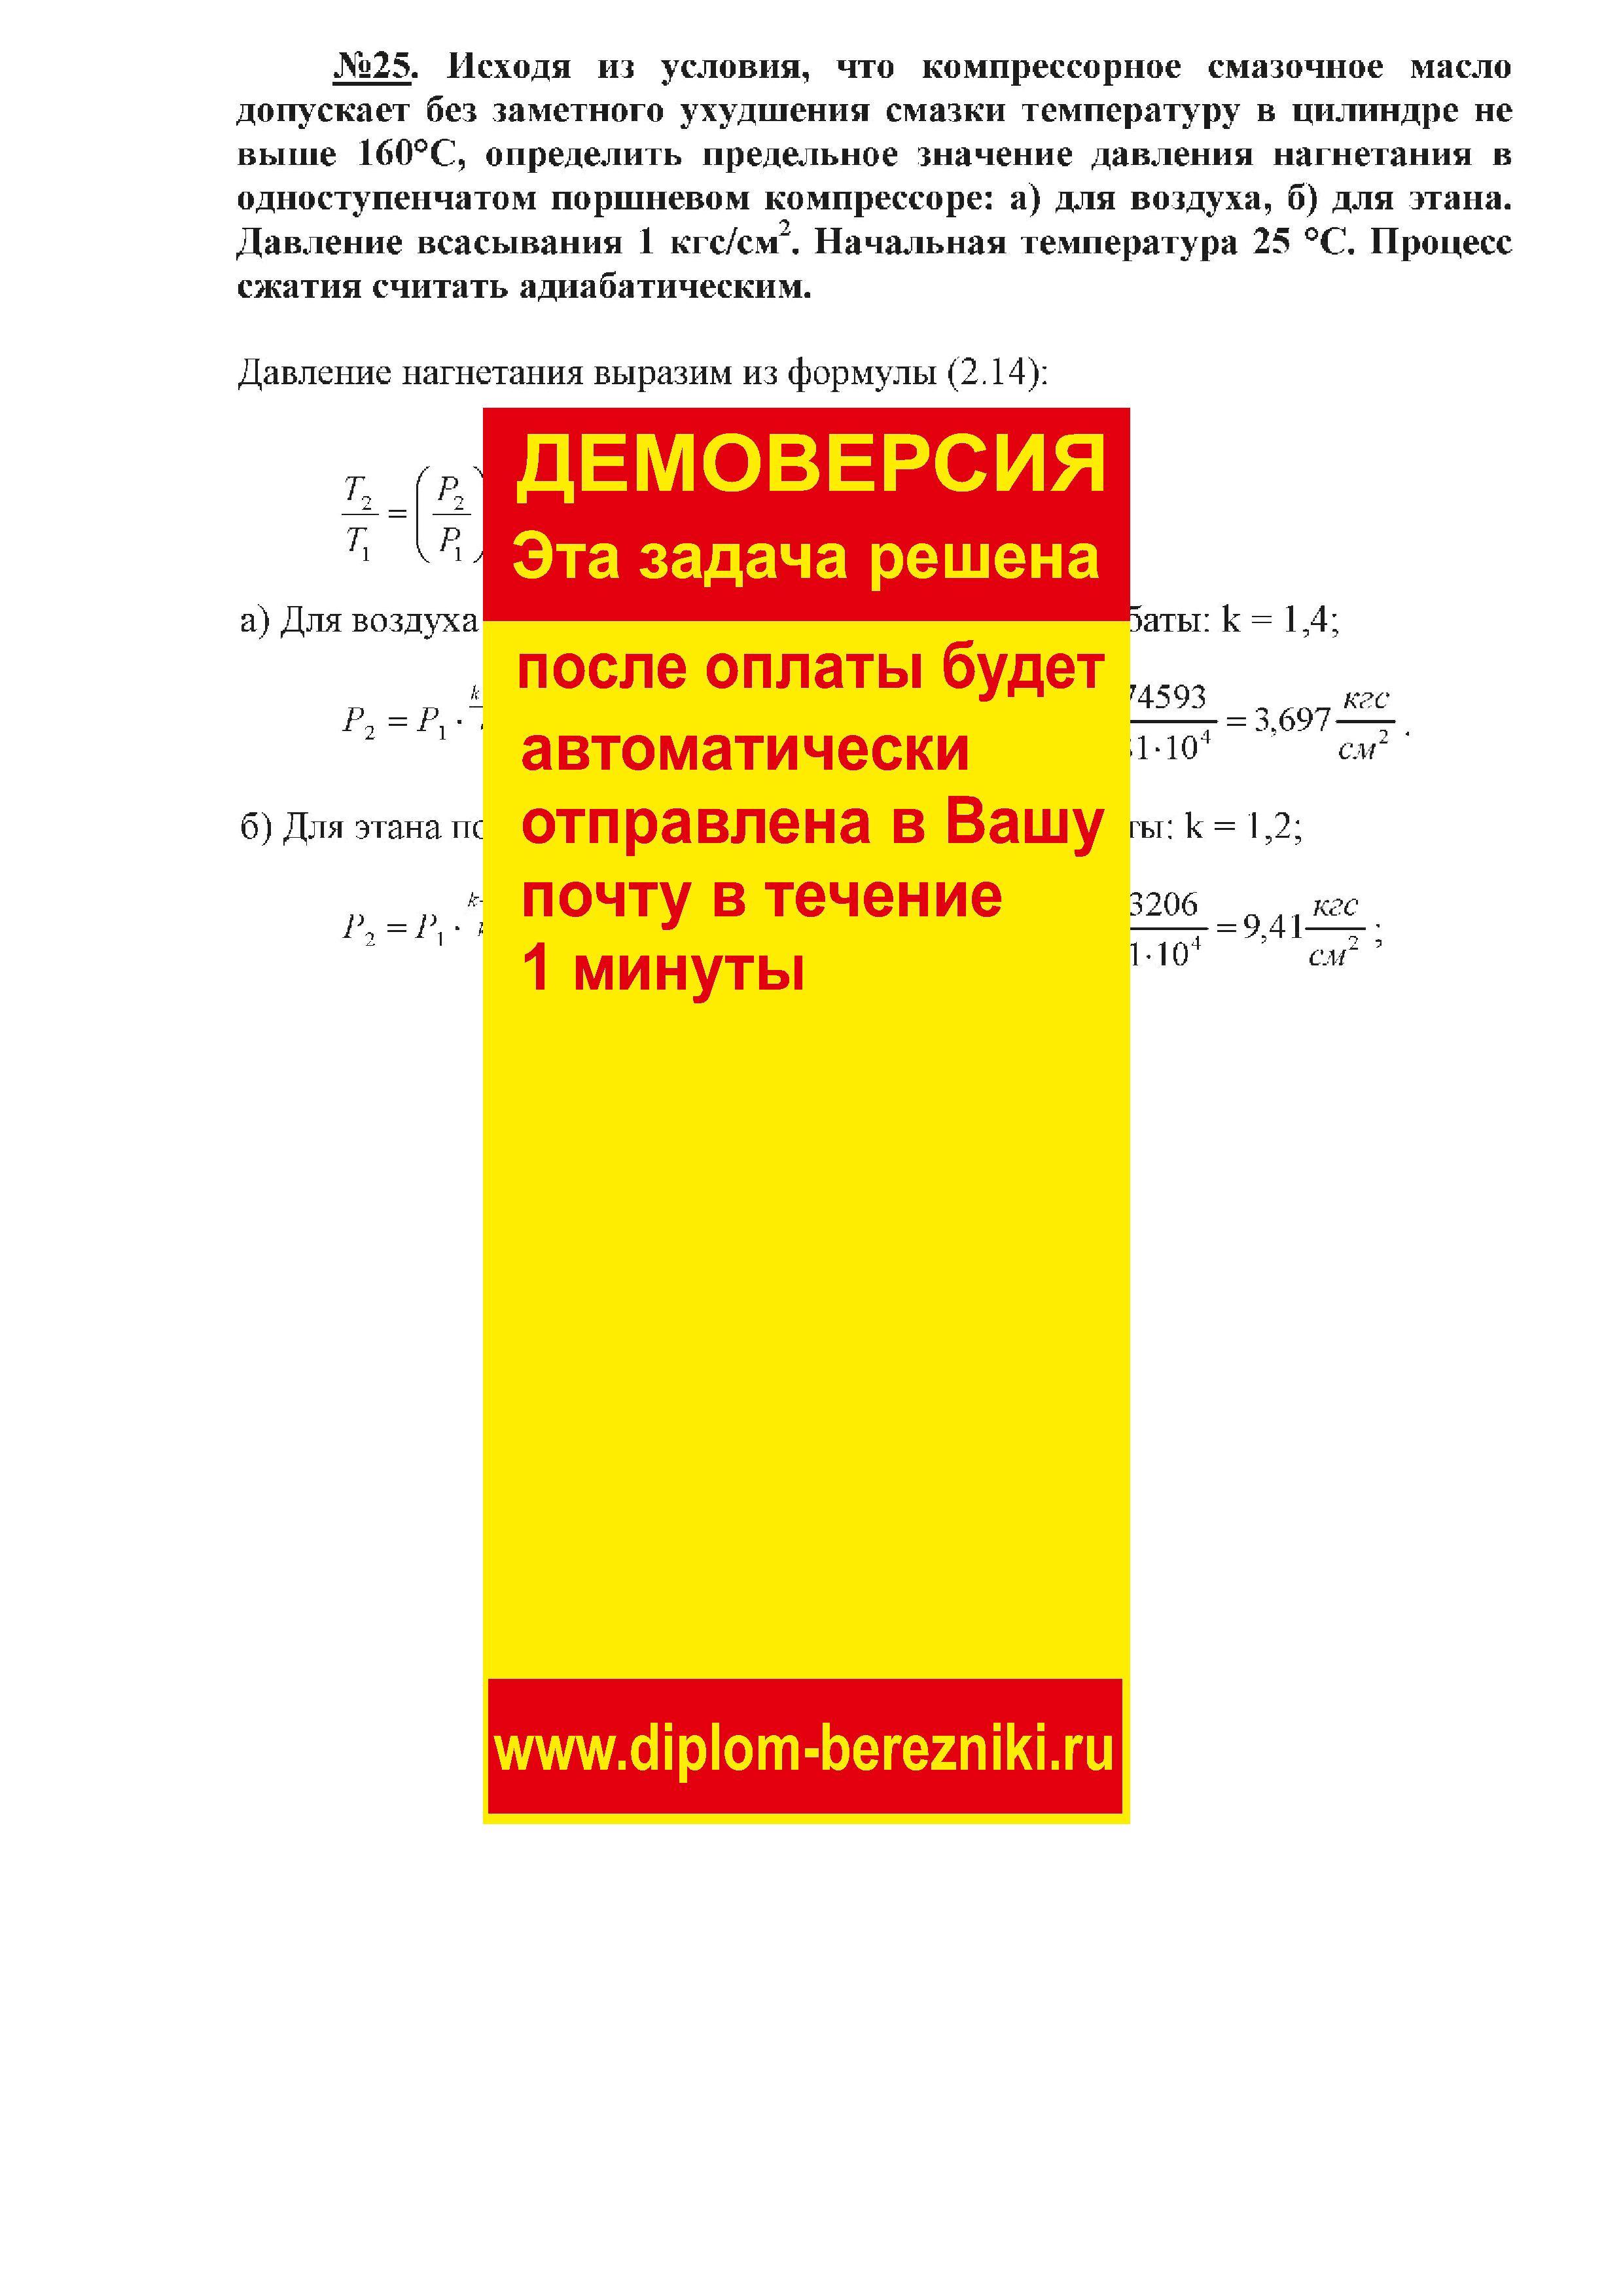 Решение задачи 2.25 по ПАХТ из задачника Павлова Романкова Носкова